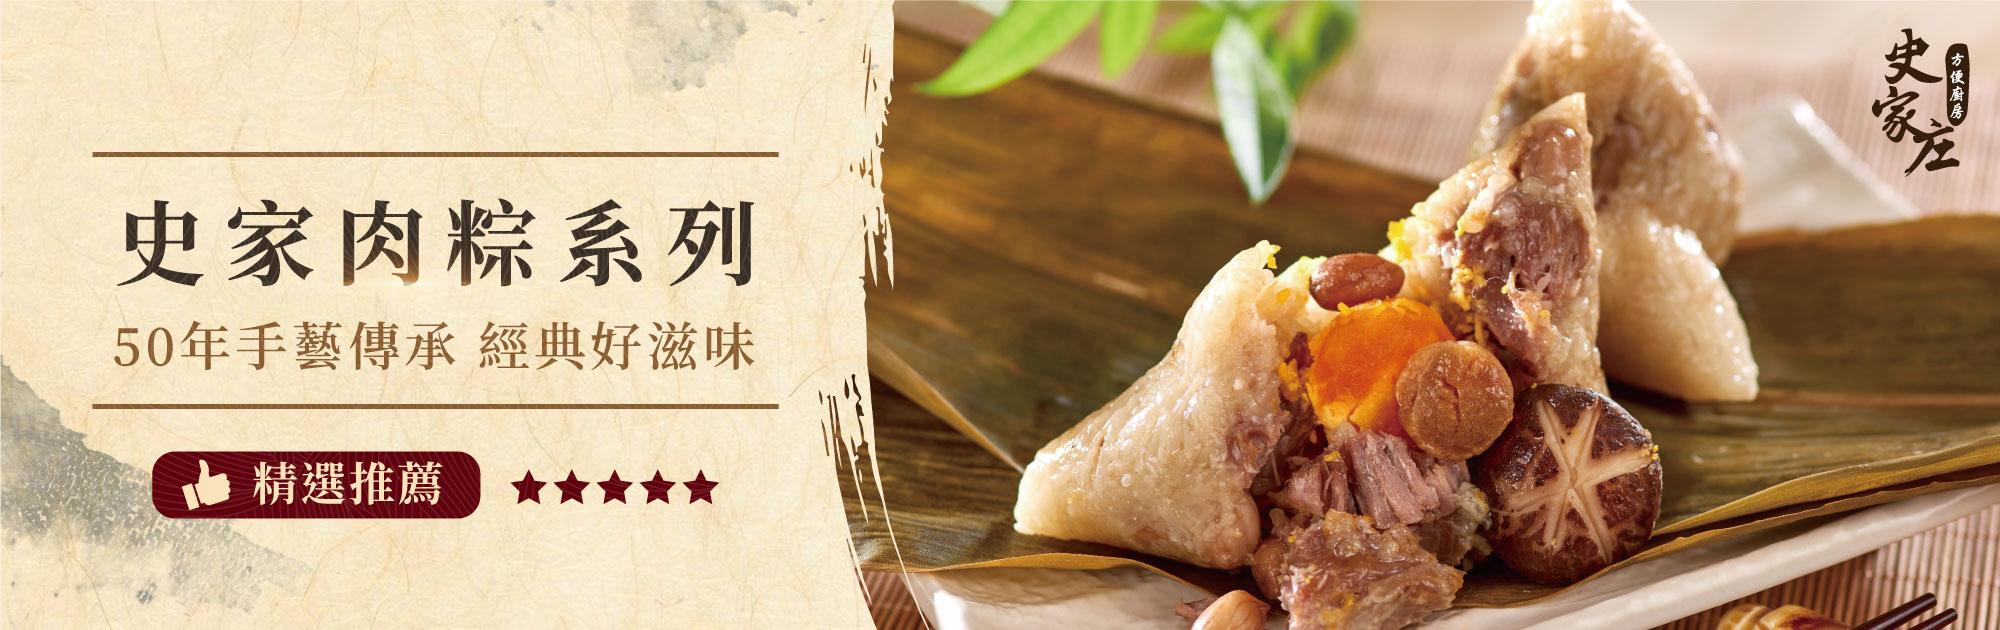 端午節推薦史家庄精選肉粽組合